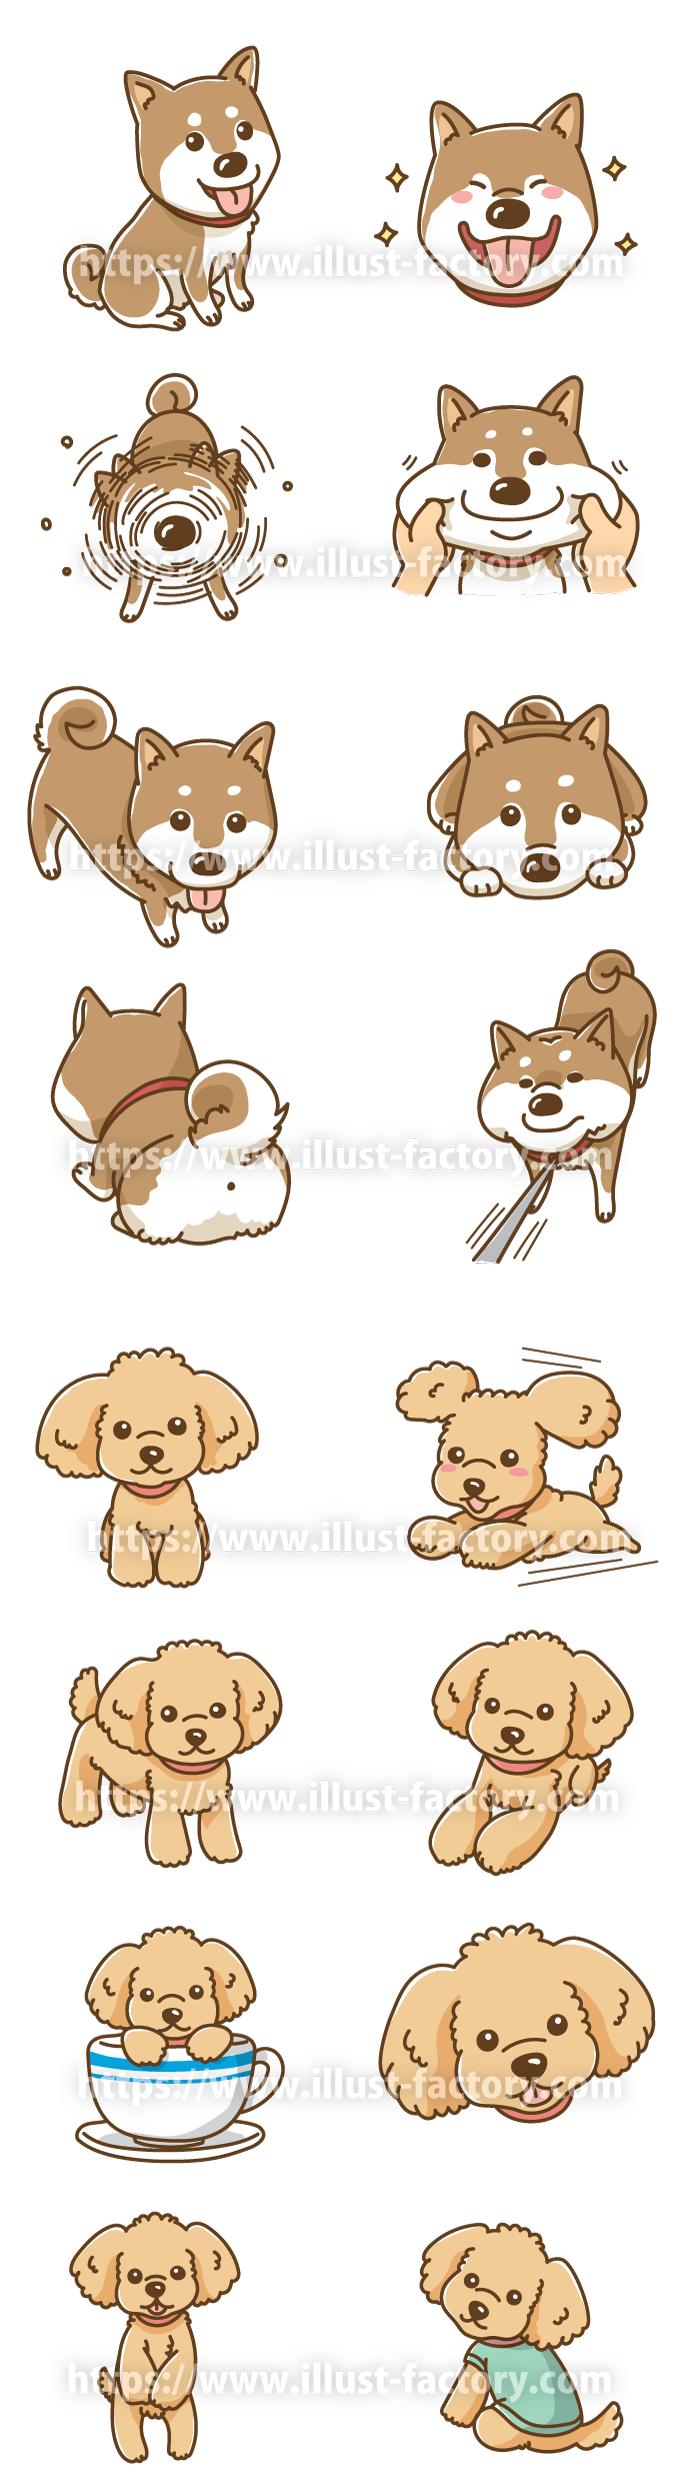 H100 犬のイラスト 柴犬、トイプードル